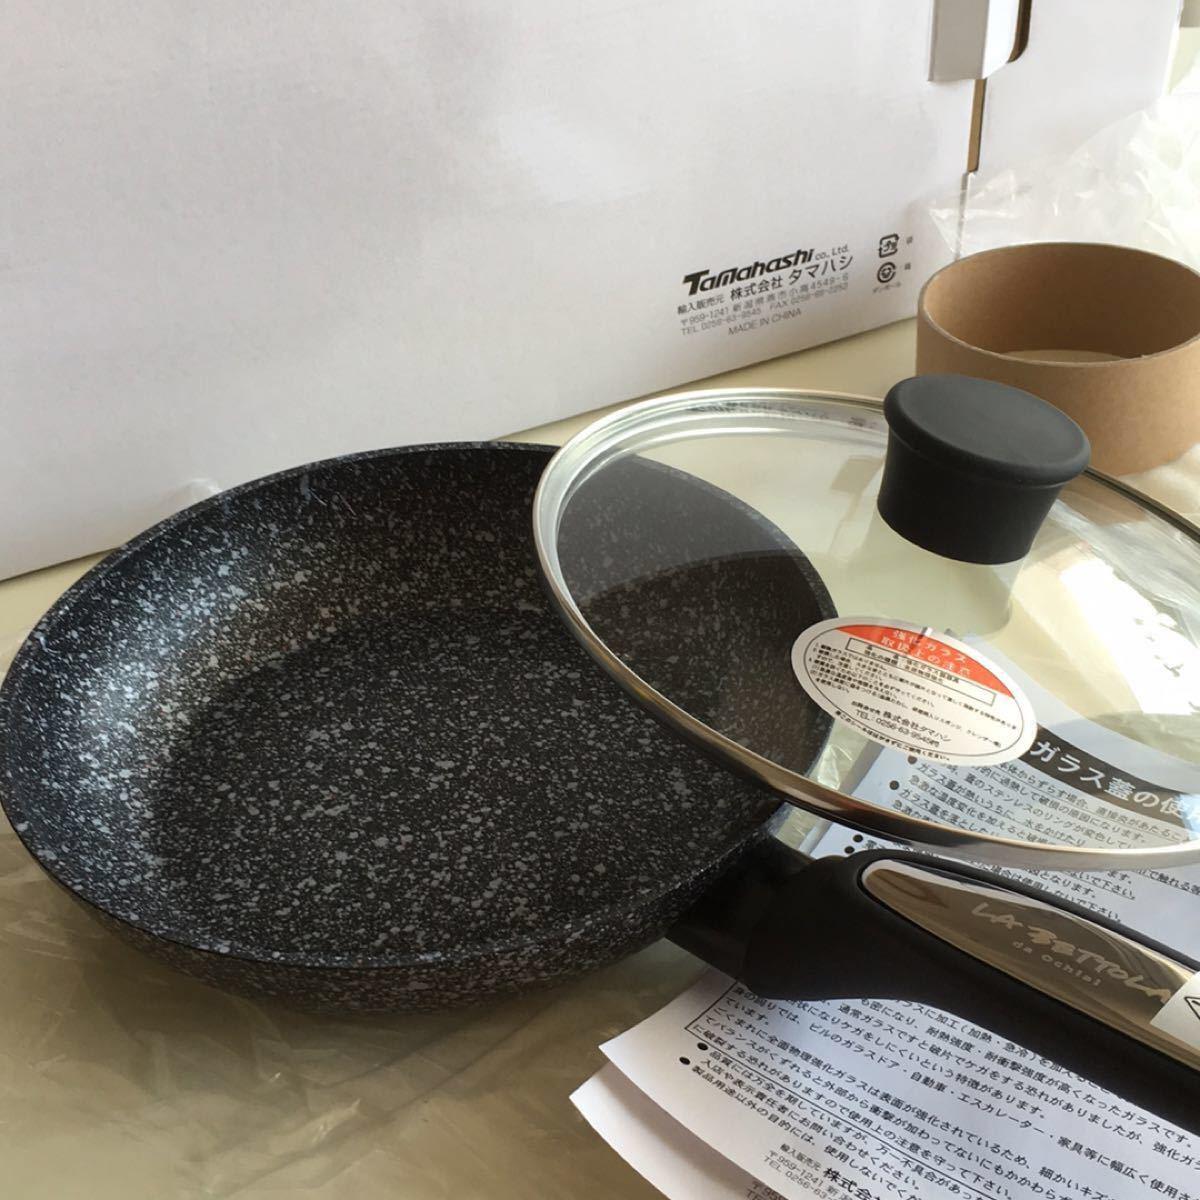 マーブルフライパン LA BETTOLA da Ochiai  新品未使用  ガラス蓋付き 20cm おまけ入り    IH対応